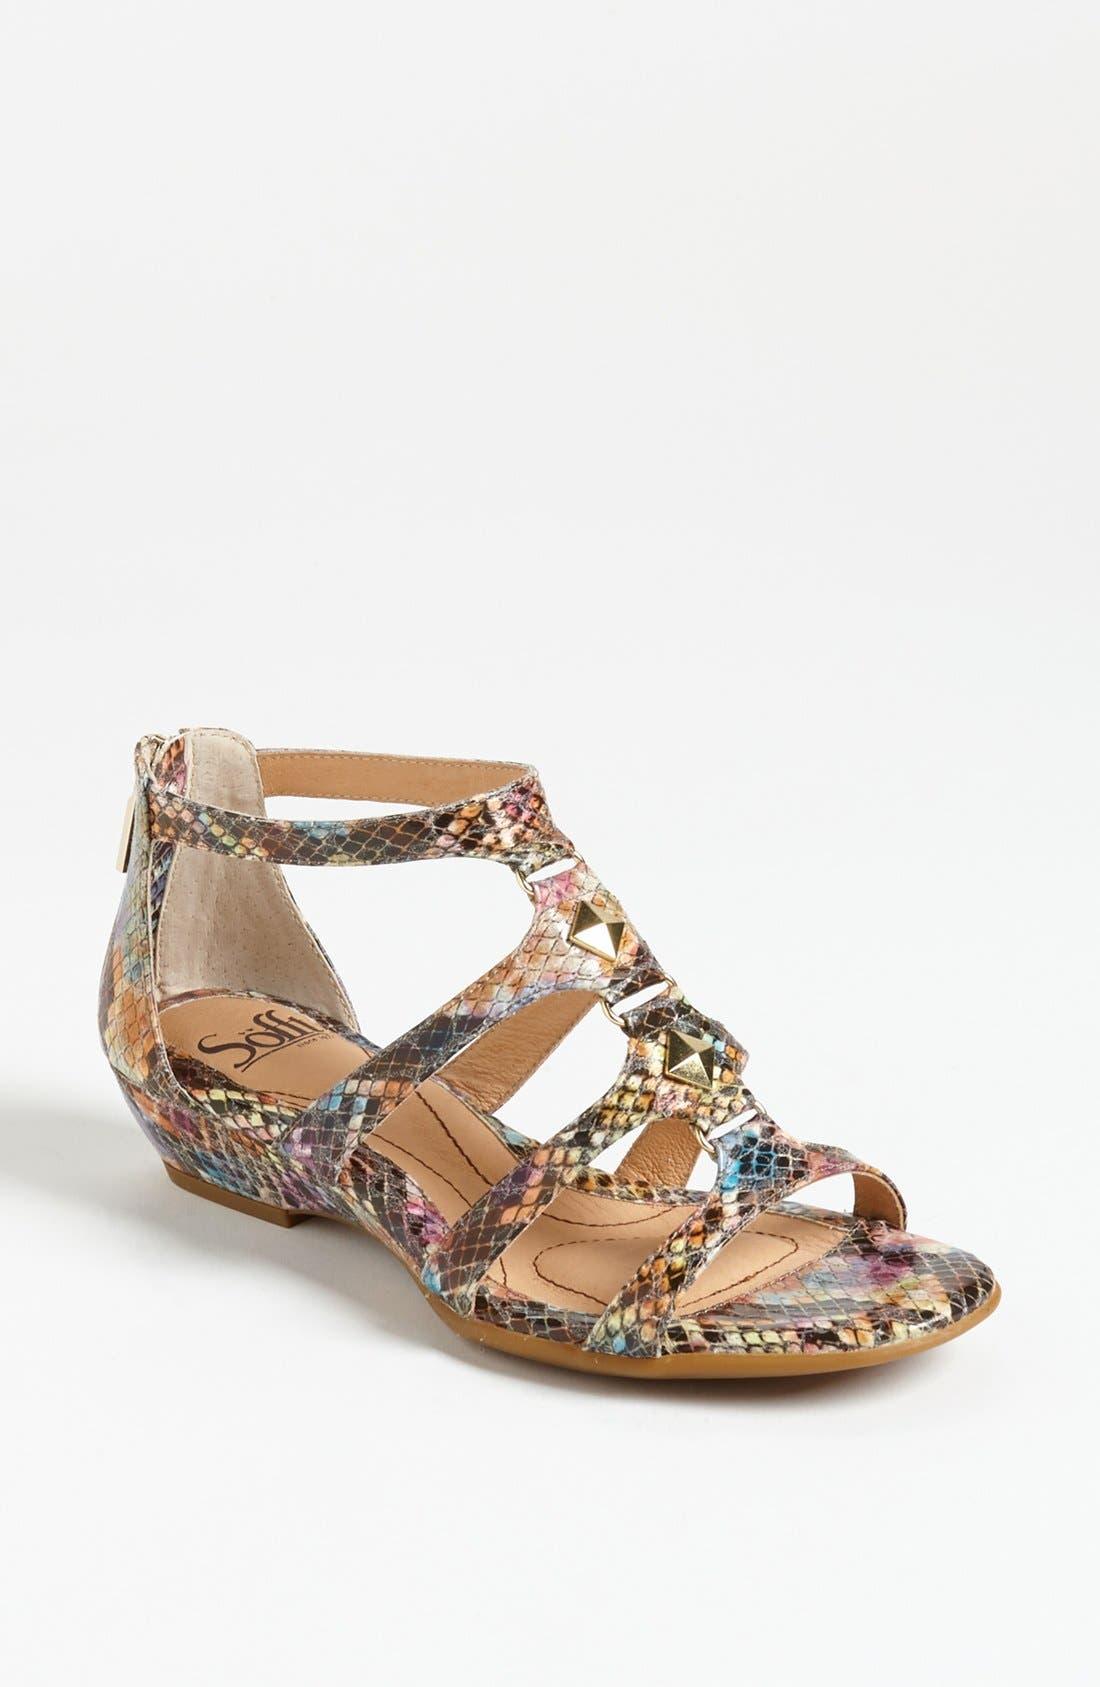 Alternate Image 1 Selected - Söfft 'Brilynn' Sandal